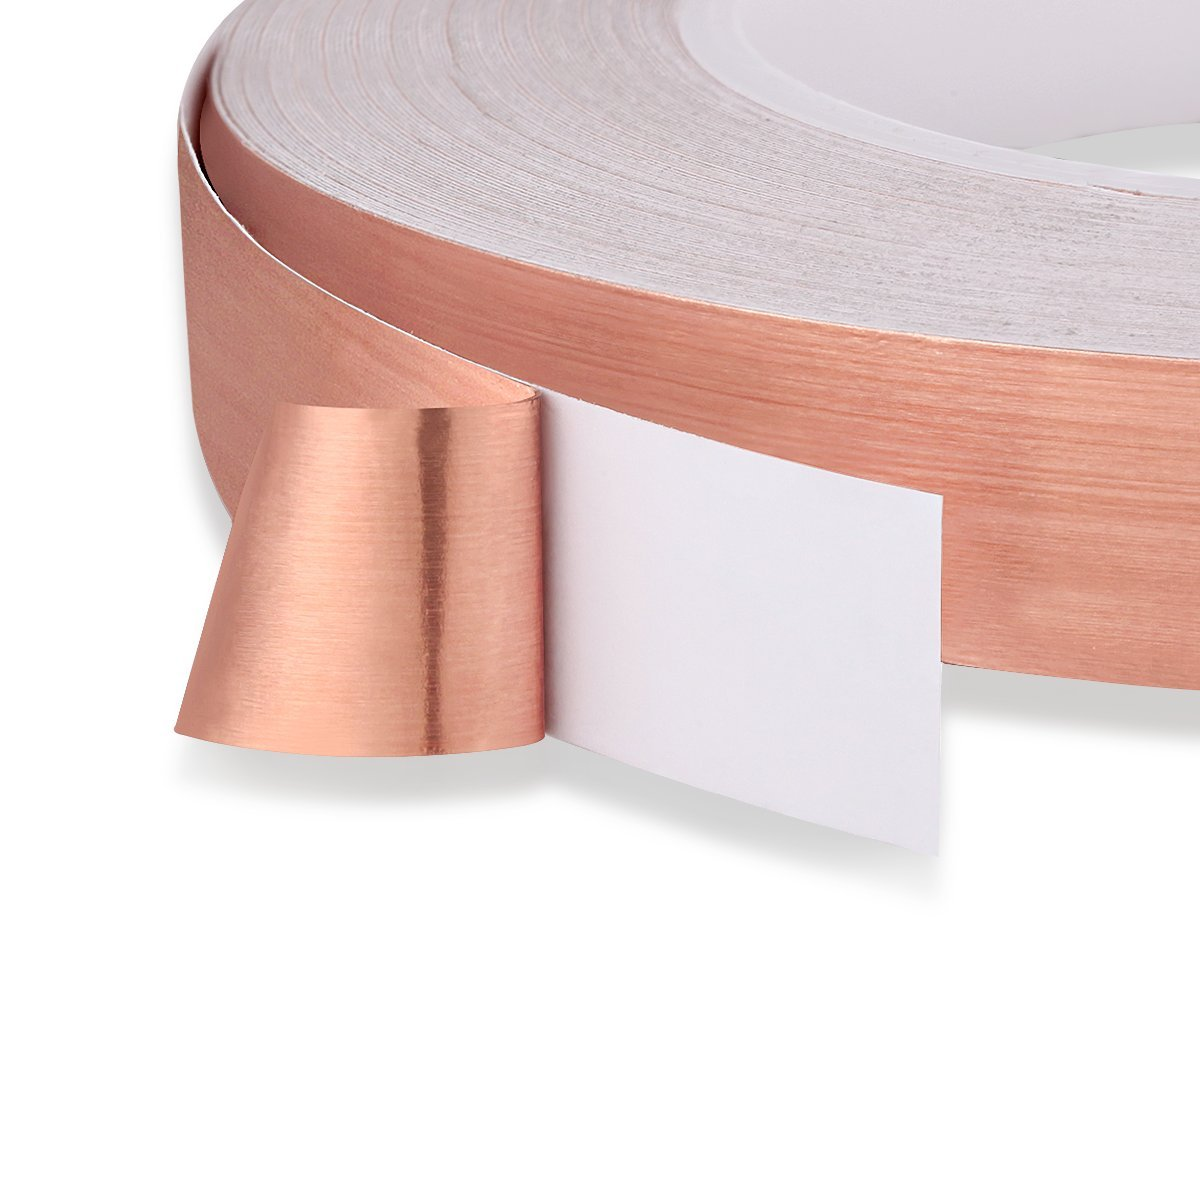 HXLONG 2 Stück Kupferfolienband mit Leitfähiger Klebstoff ...